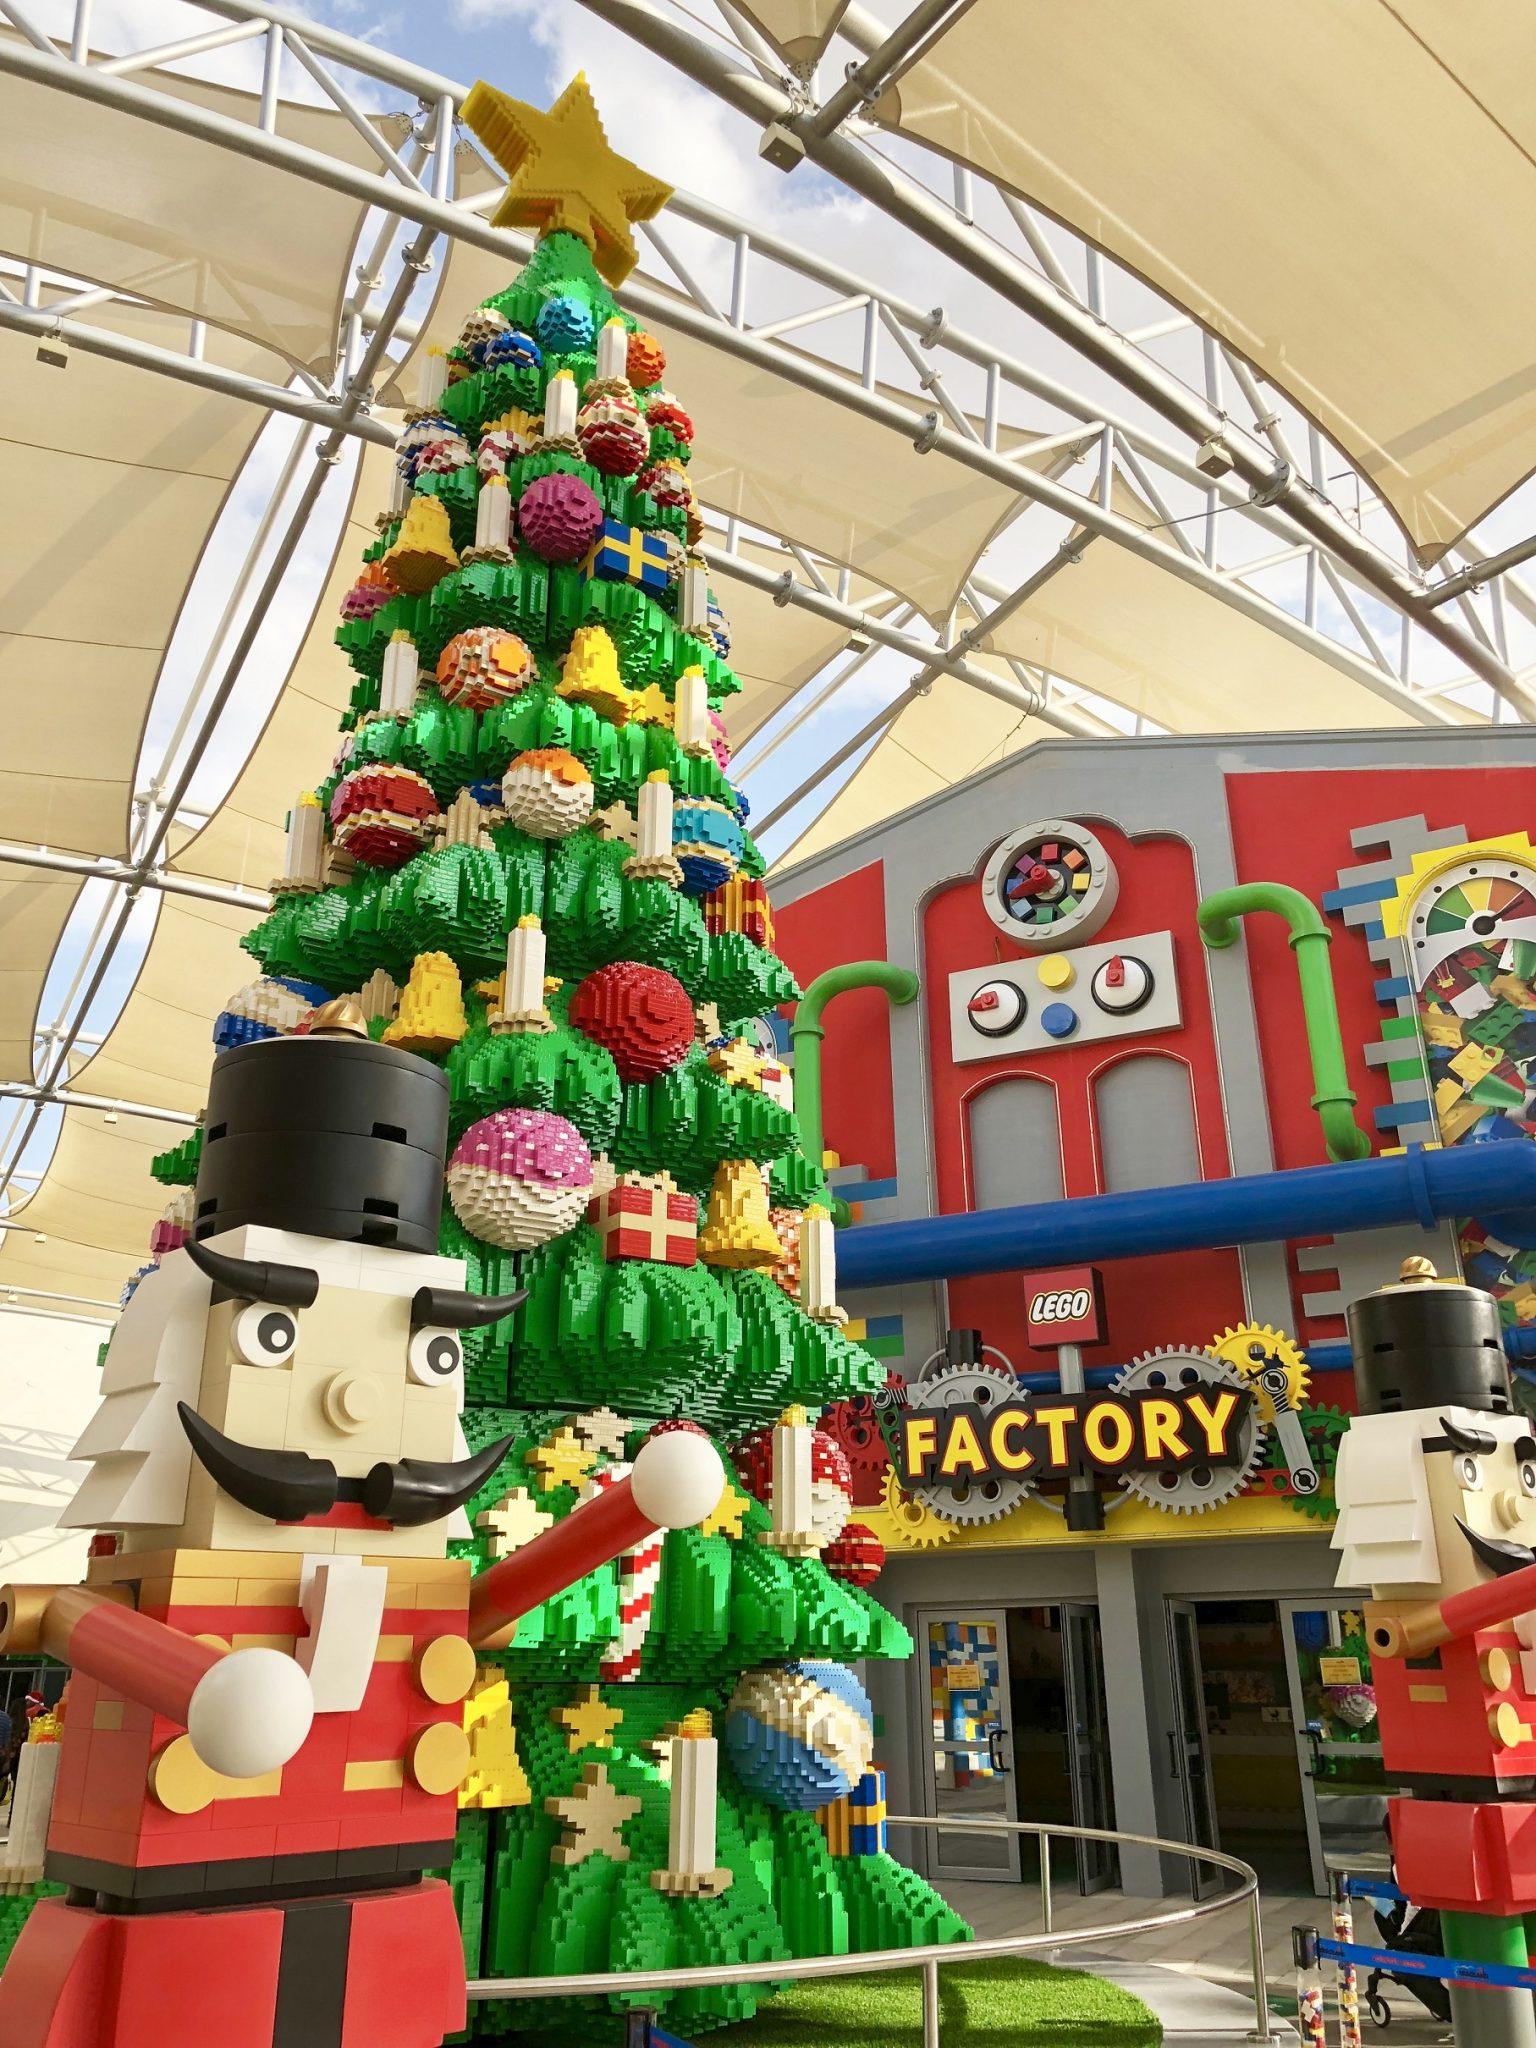 ليجولاند دبي يوجّه للعائلات دعوة للمشاركة في فرحة موسم الأعياد ضمن أجواء احتفالات الشتاء (1)